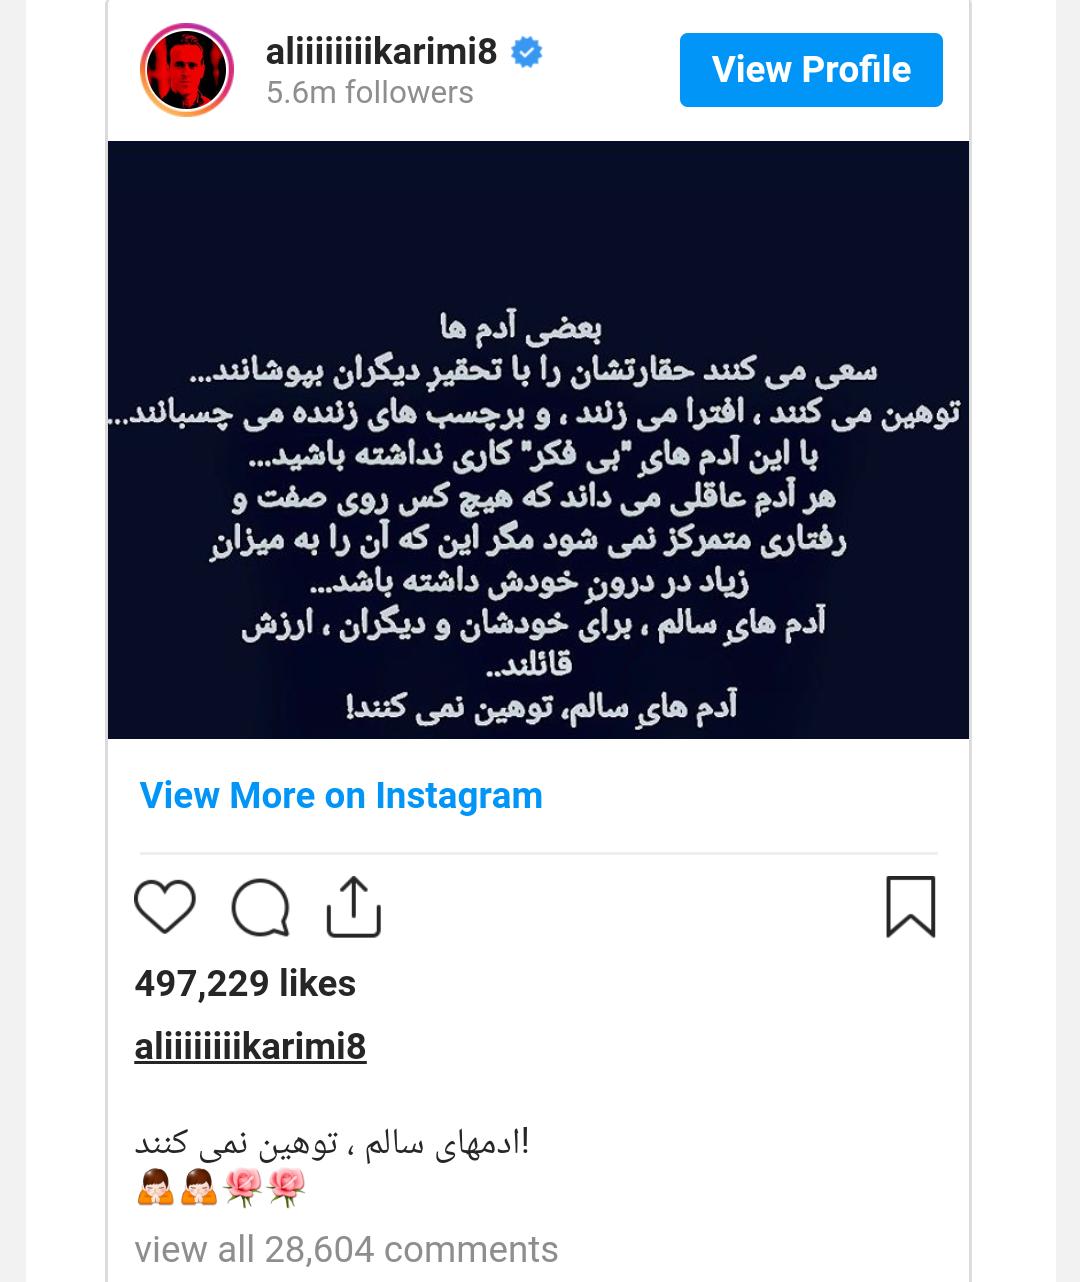 علی کریمی پاسخ توهین تتلو را داد